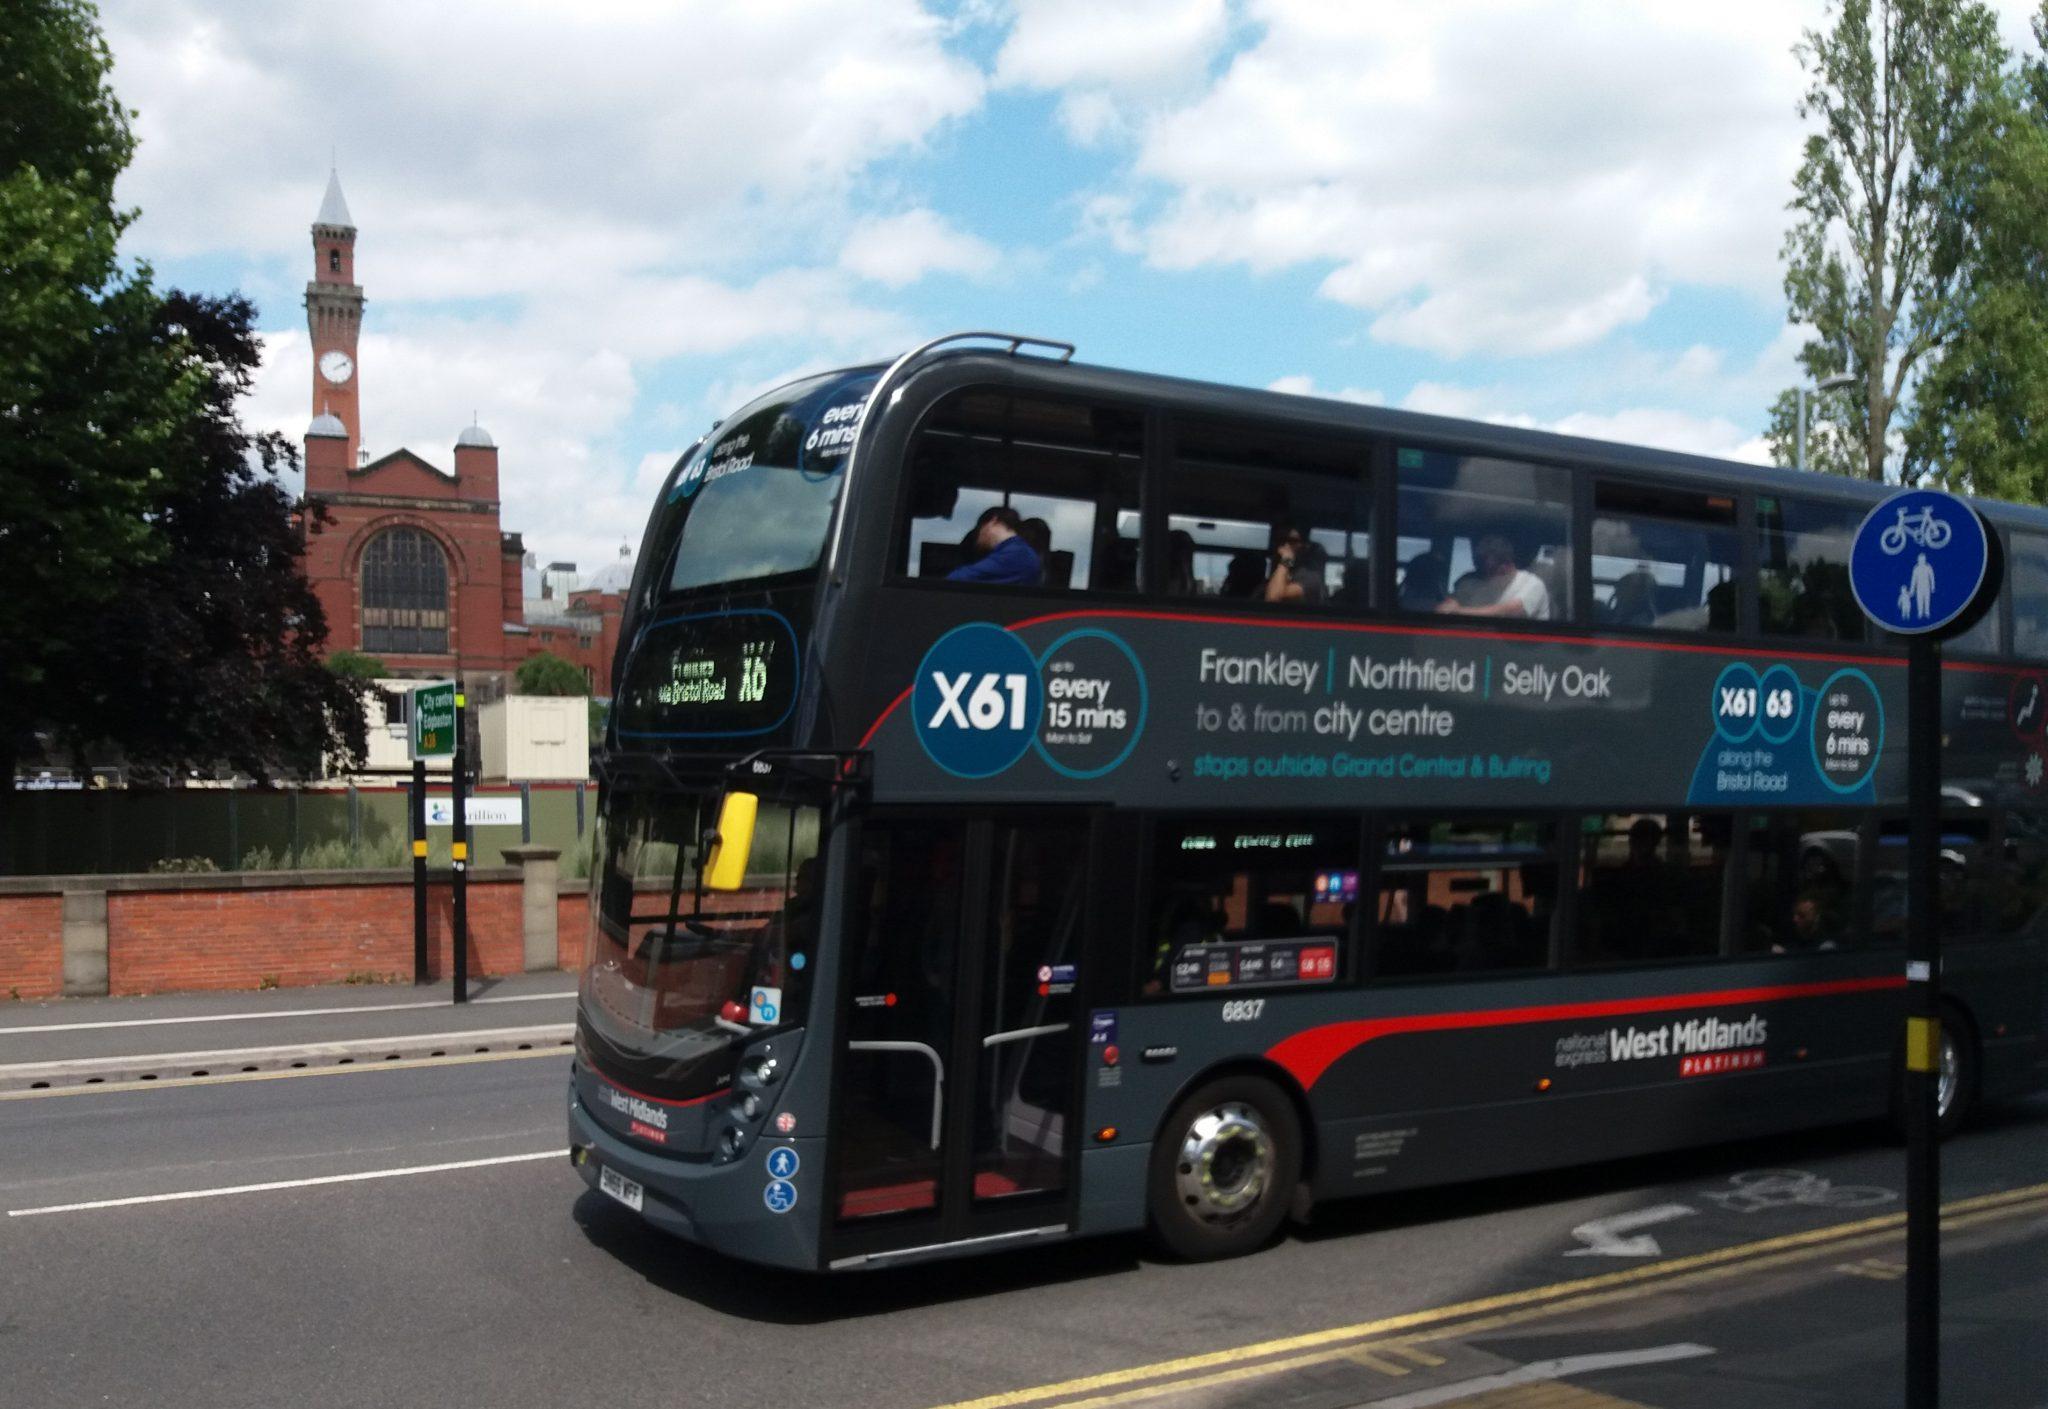 national express west midlands travel